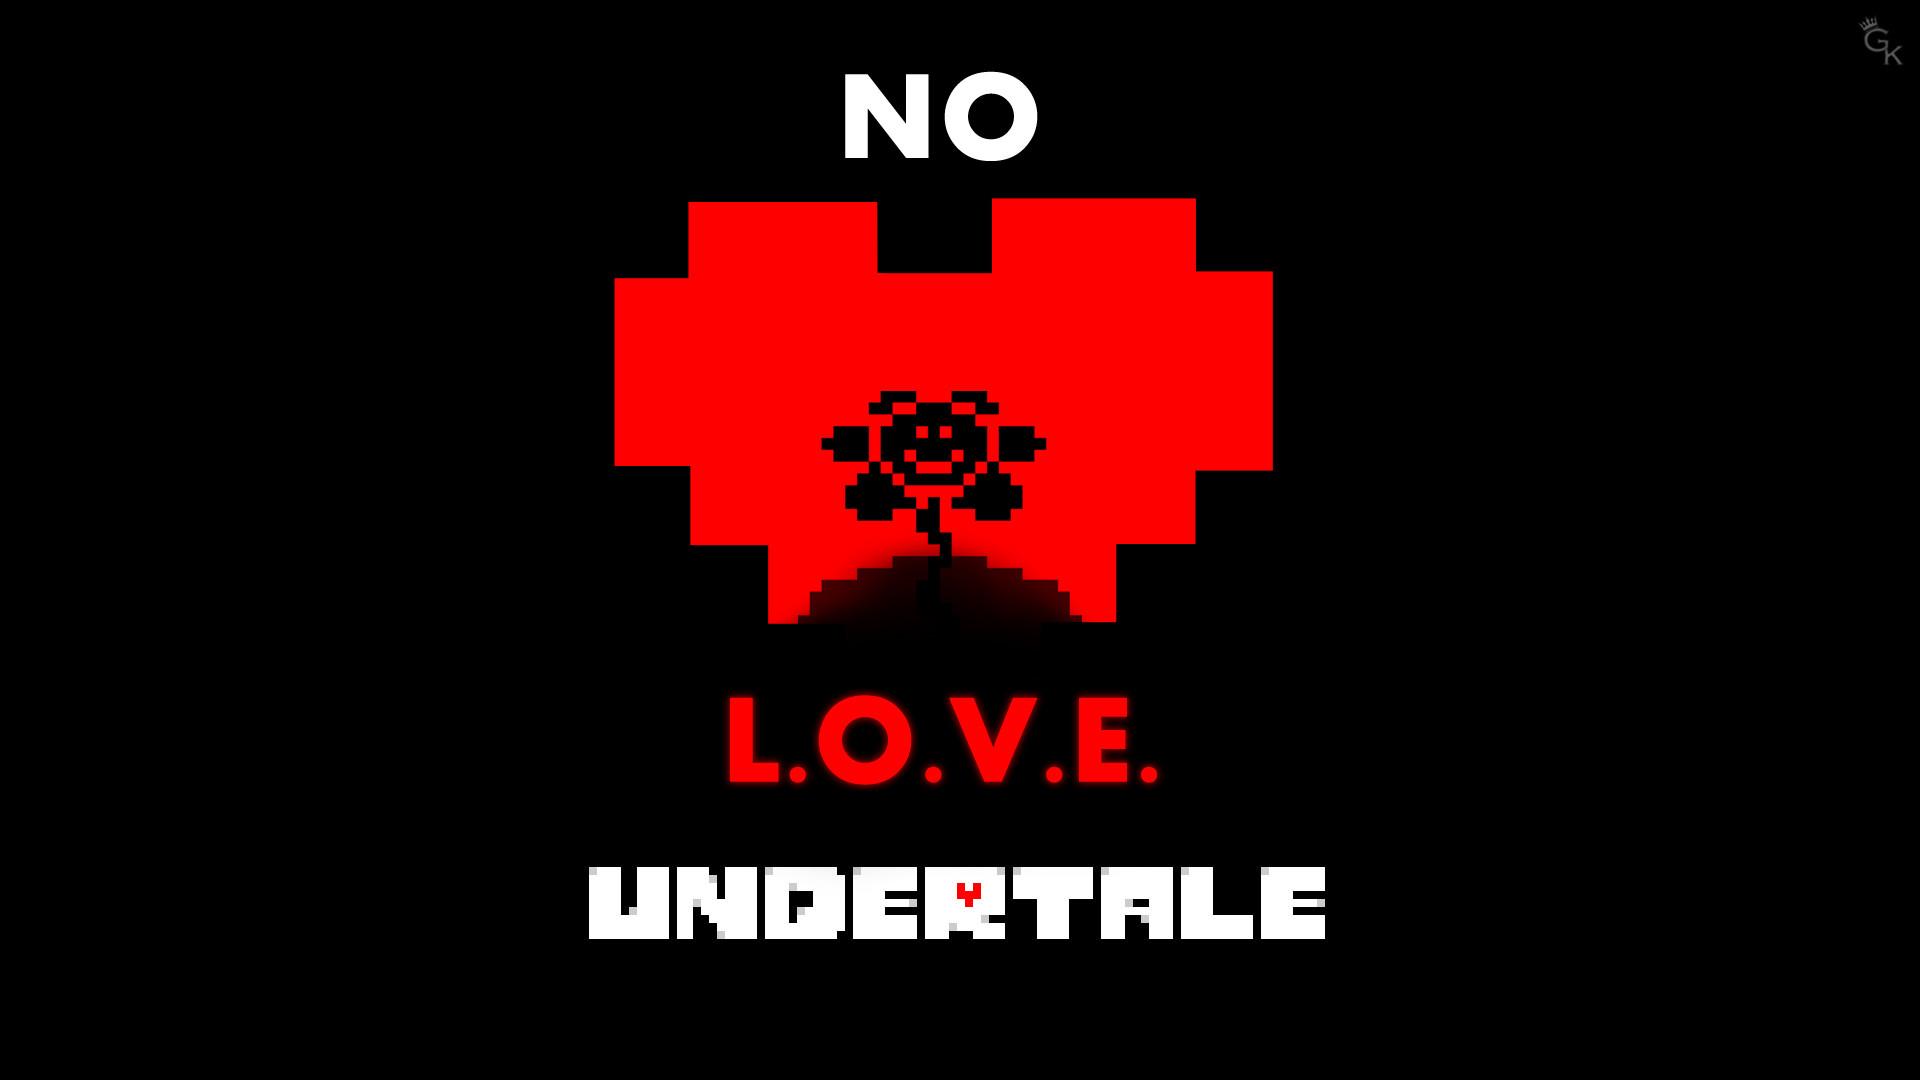 … Undertale Wallpaper (No L.O.V.E.) by General-K1MB0